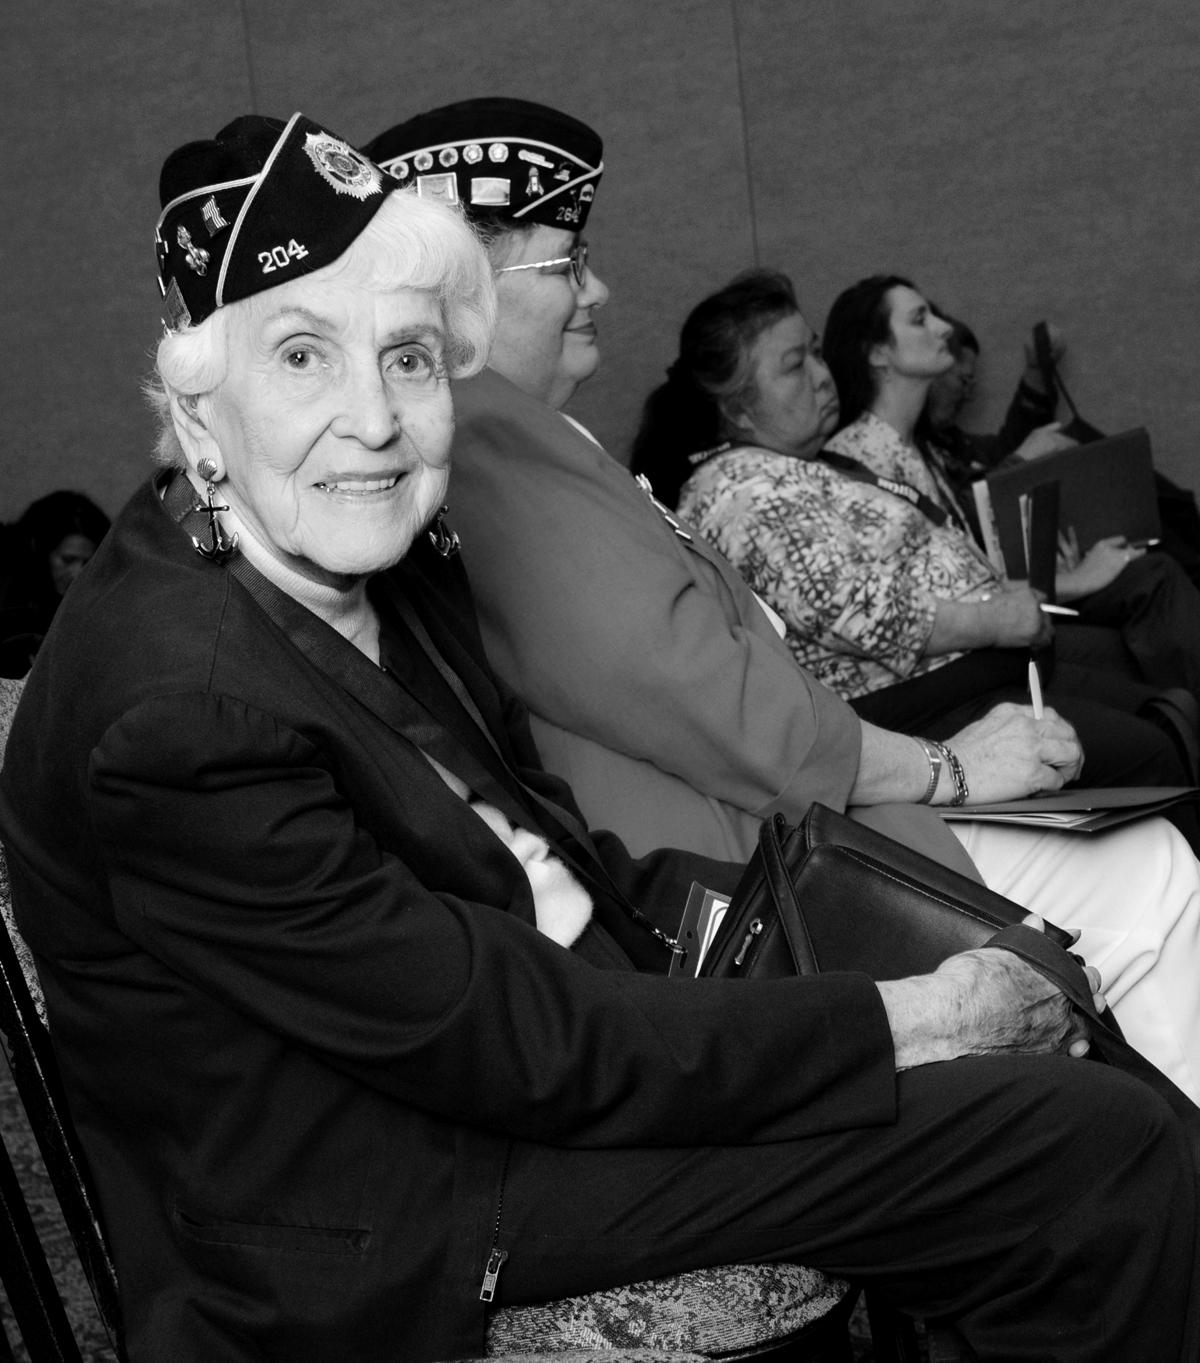 mar-le_wendt_a_u-s-_navy_veteran